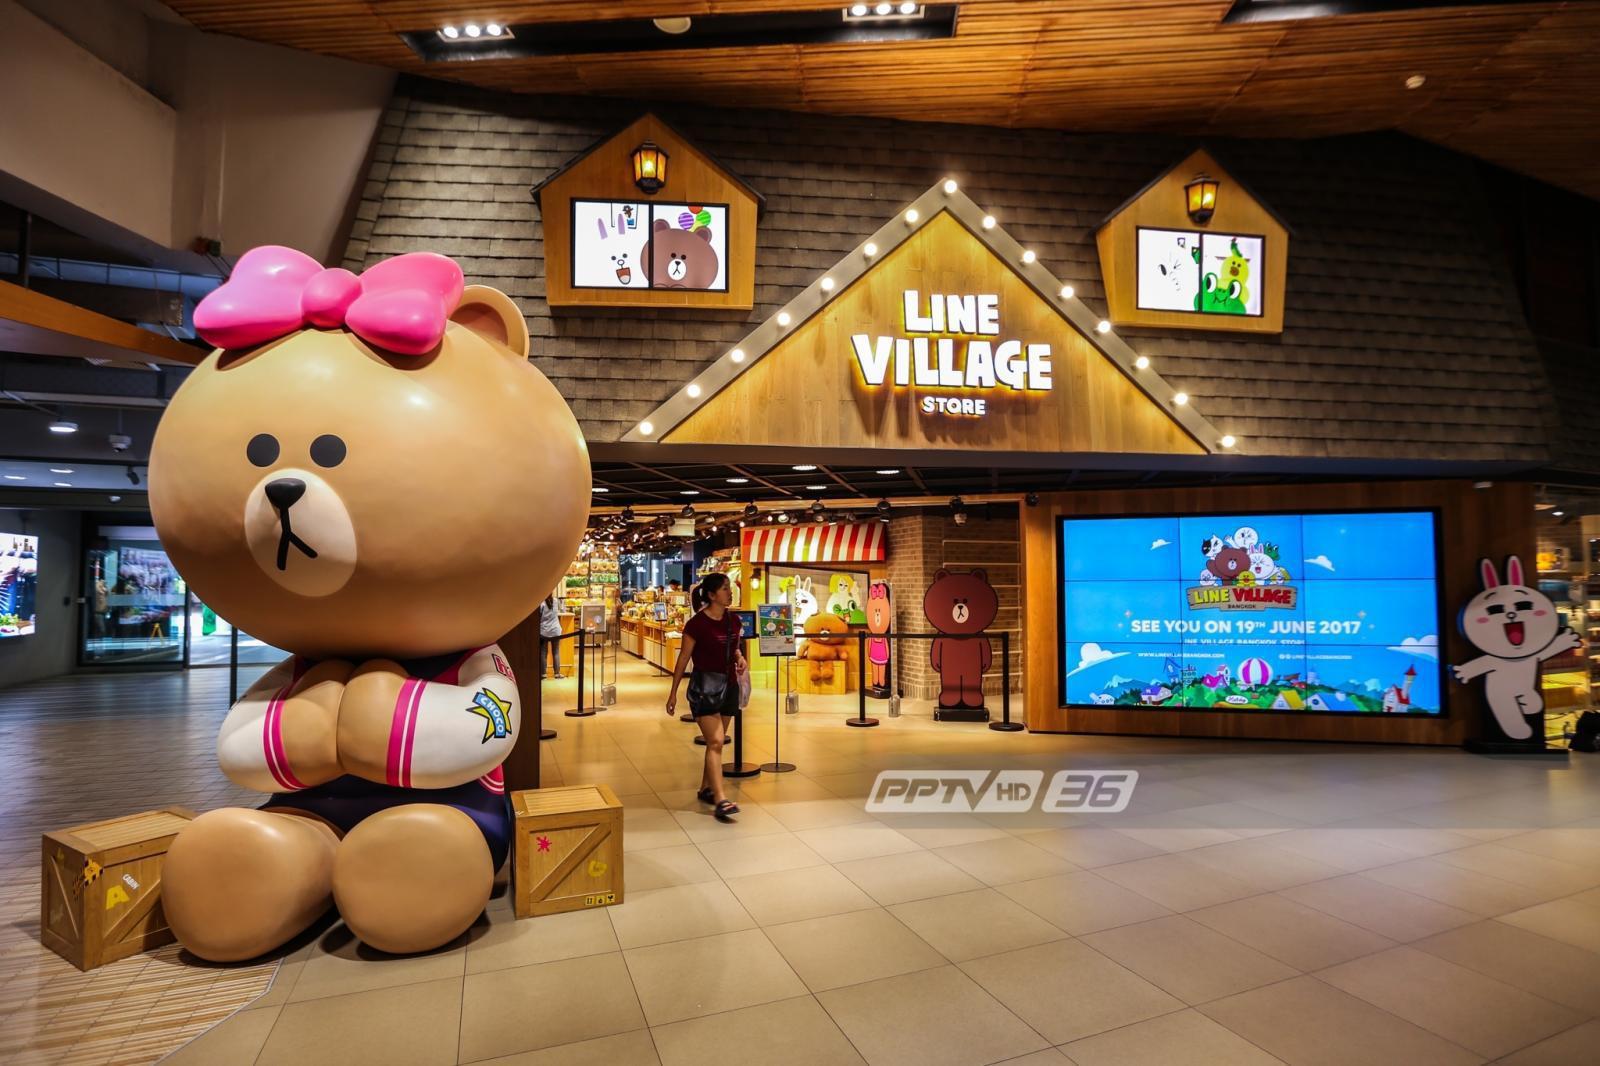 """""""ไลน์ วิลเลจ"""" สวนสนุกในร่มแห่งแรกของโลกไลน์เฟรนด์"""